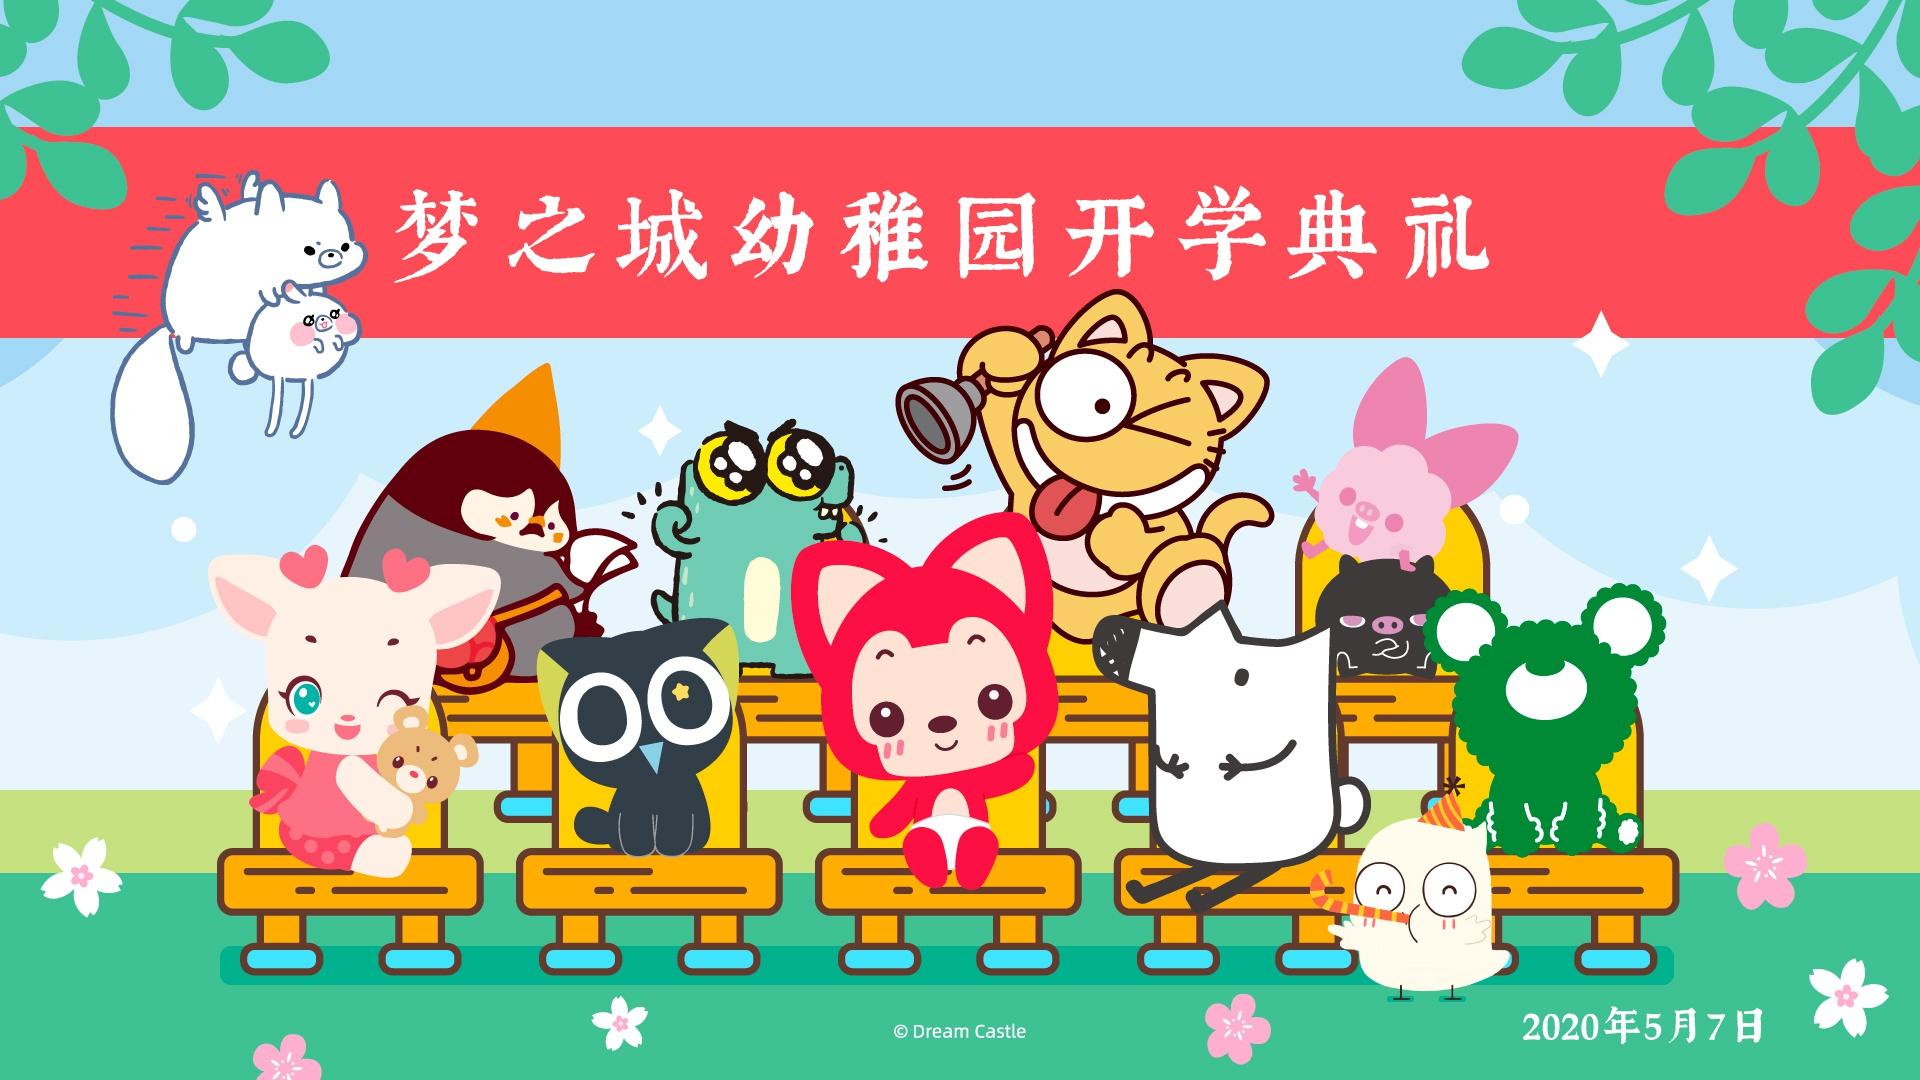 顺达,化梦之城合作知乎刘看山顺达独家代理IP全图片